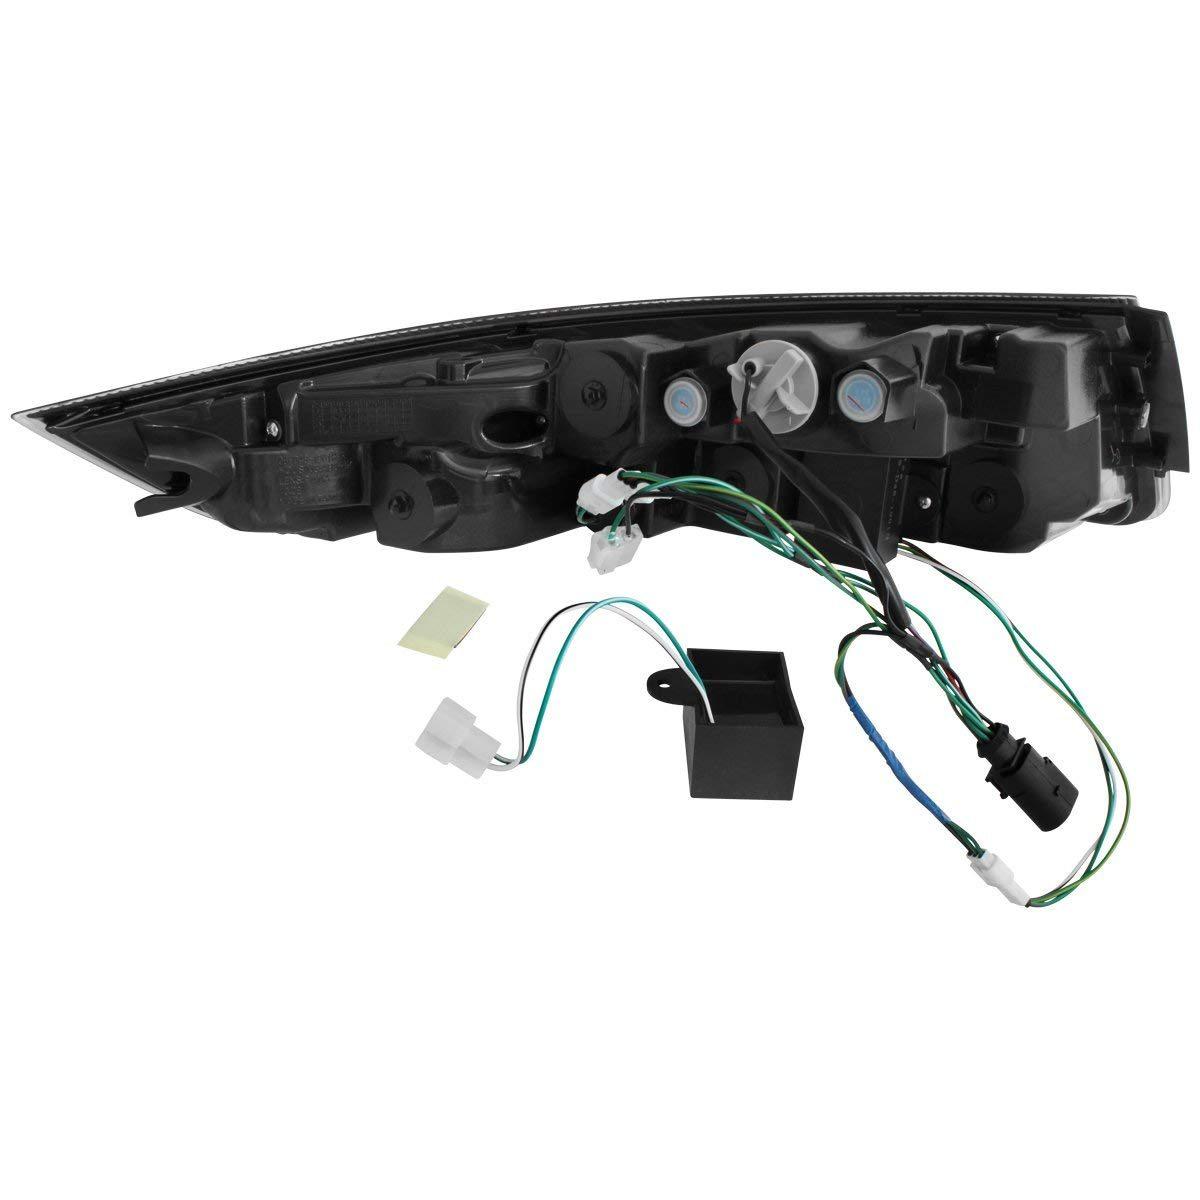 Porsche-911-04-08-–-Farolins-Cristal-Escurecidos-em-LED-2